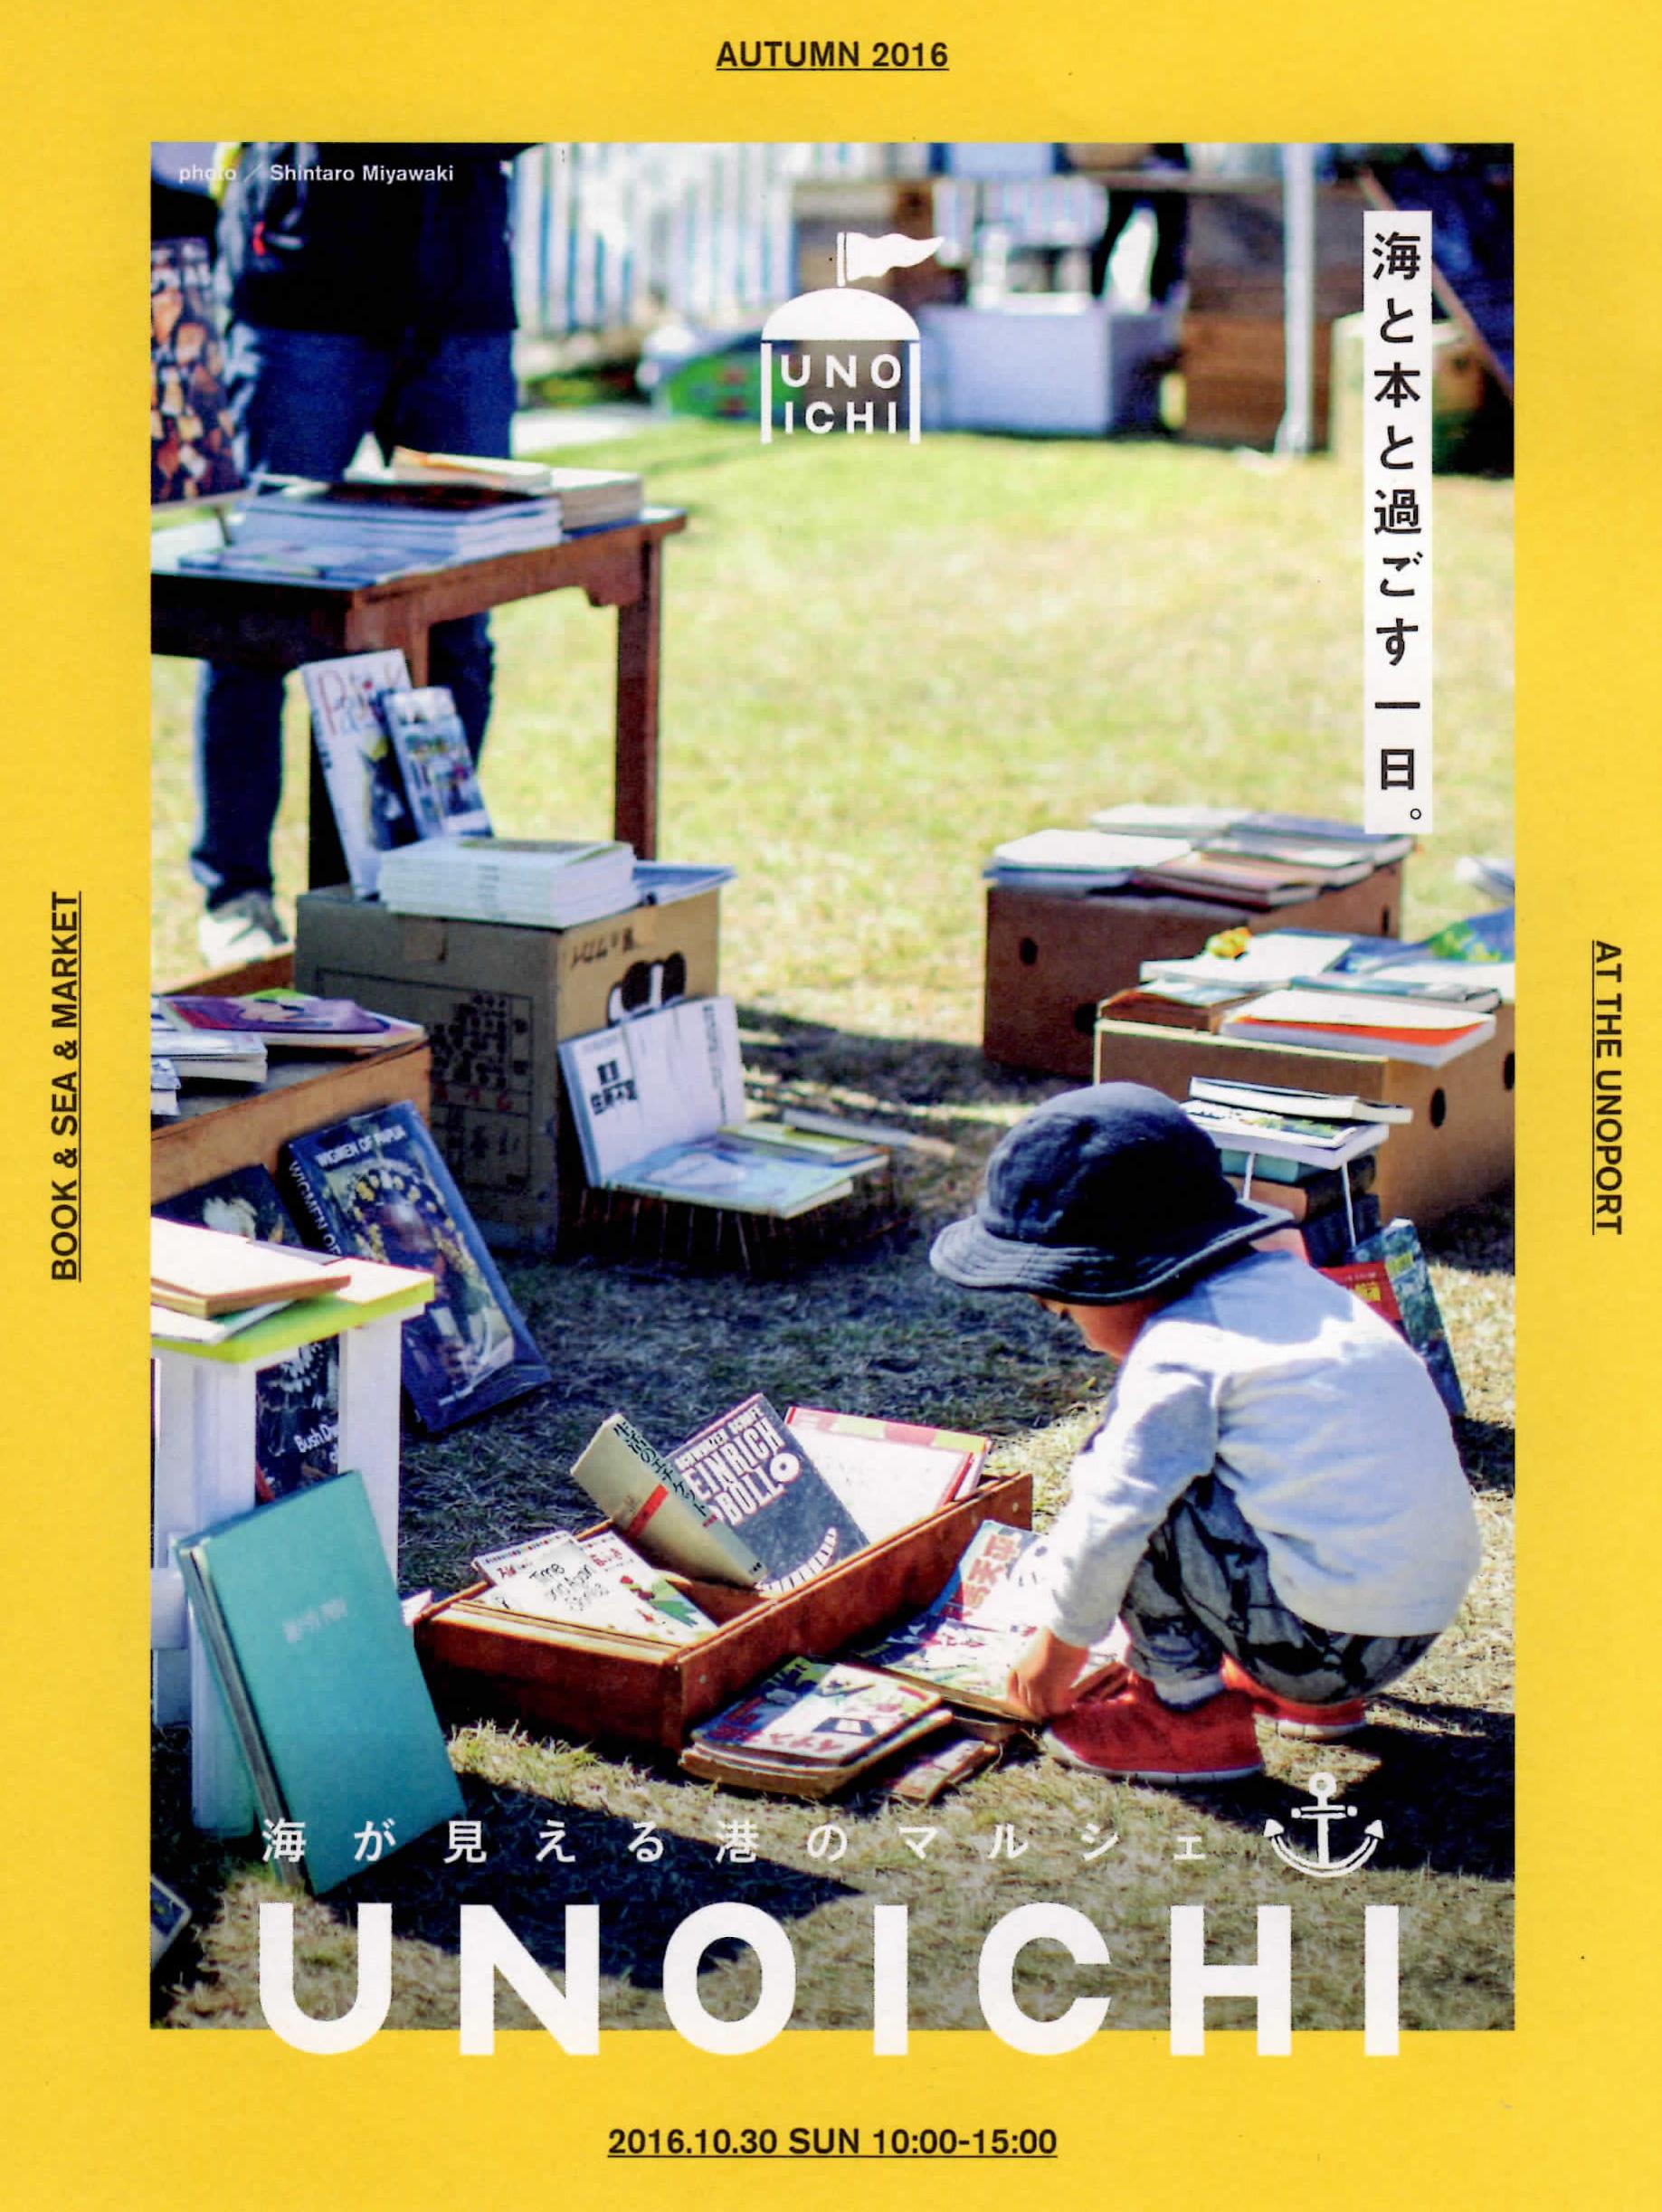 UNOICHI 10月30日 岡山県玉野市宇野でマルシェ(アートイベント&マーケット)があります。モノづくりをしている作家が出展しています。庭瀬陶芸工房の会員の藤井龍が陶芸作品を出展します。よろしければご覧ください。(画像をクリックすると詳細ページへ移動します。)